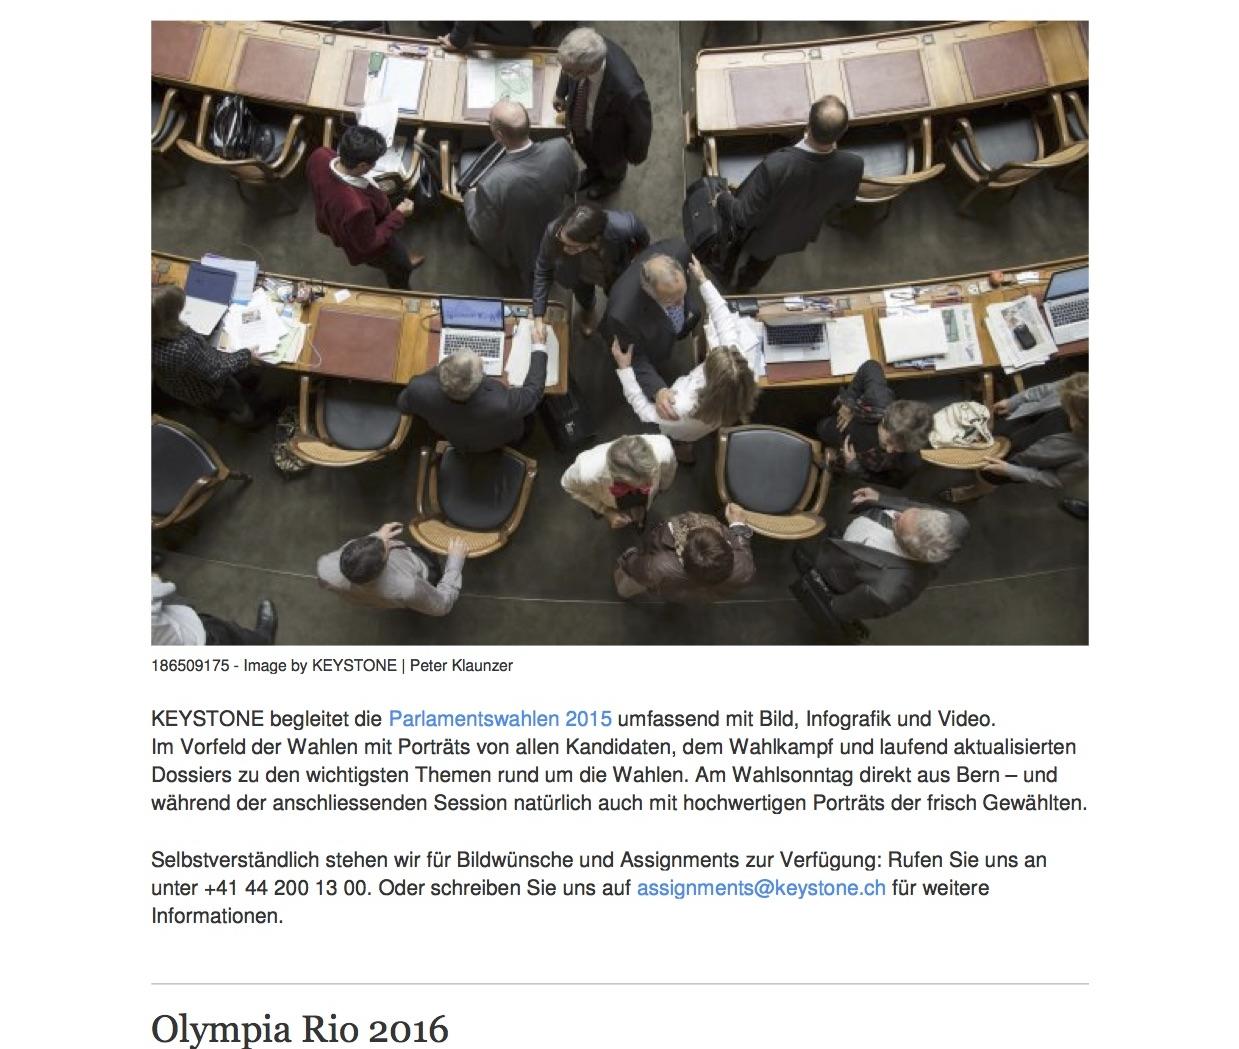 Newsletter_September_2015_portfolio3.jpg